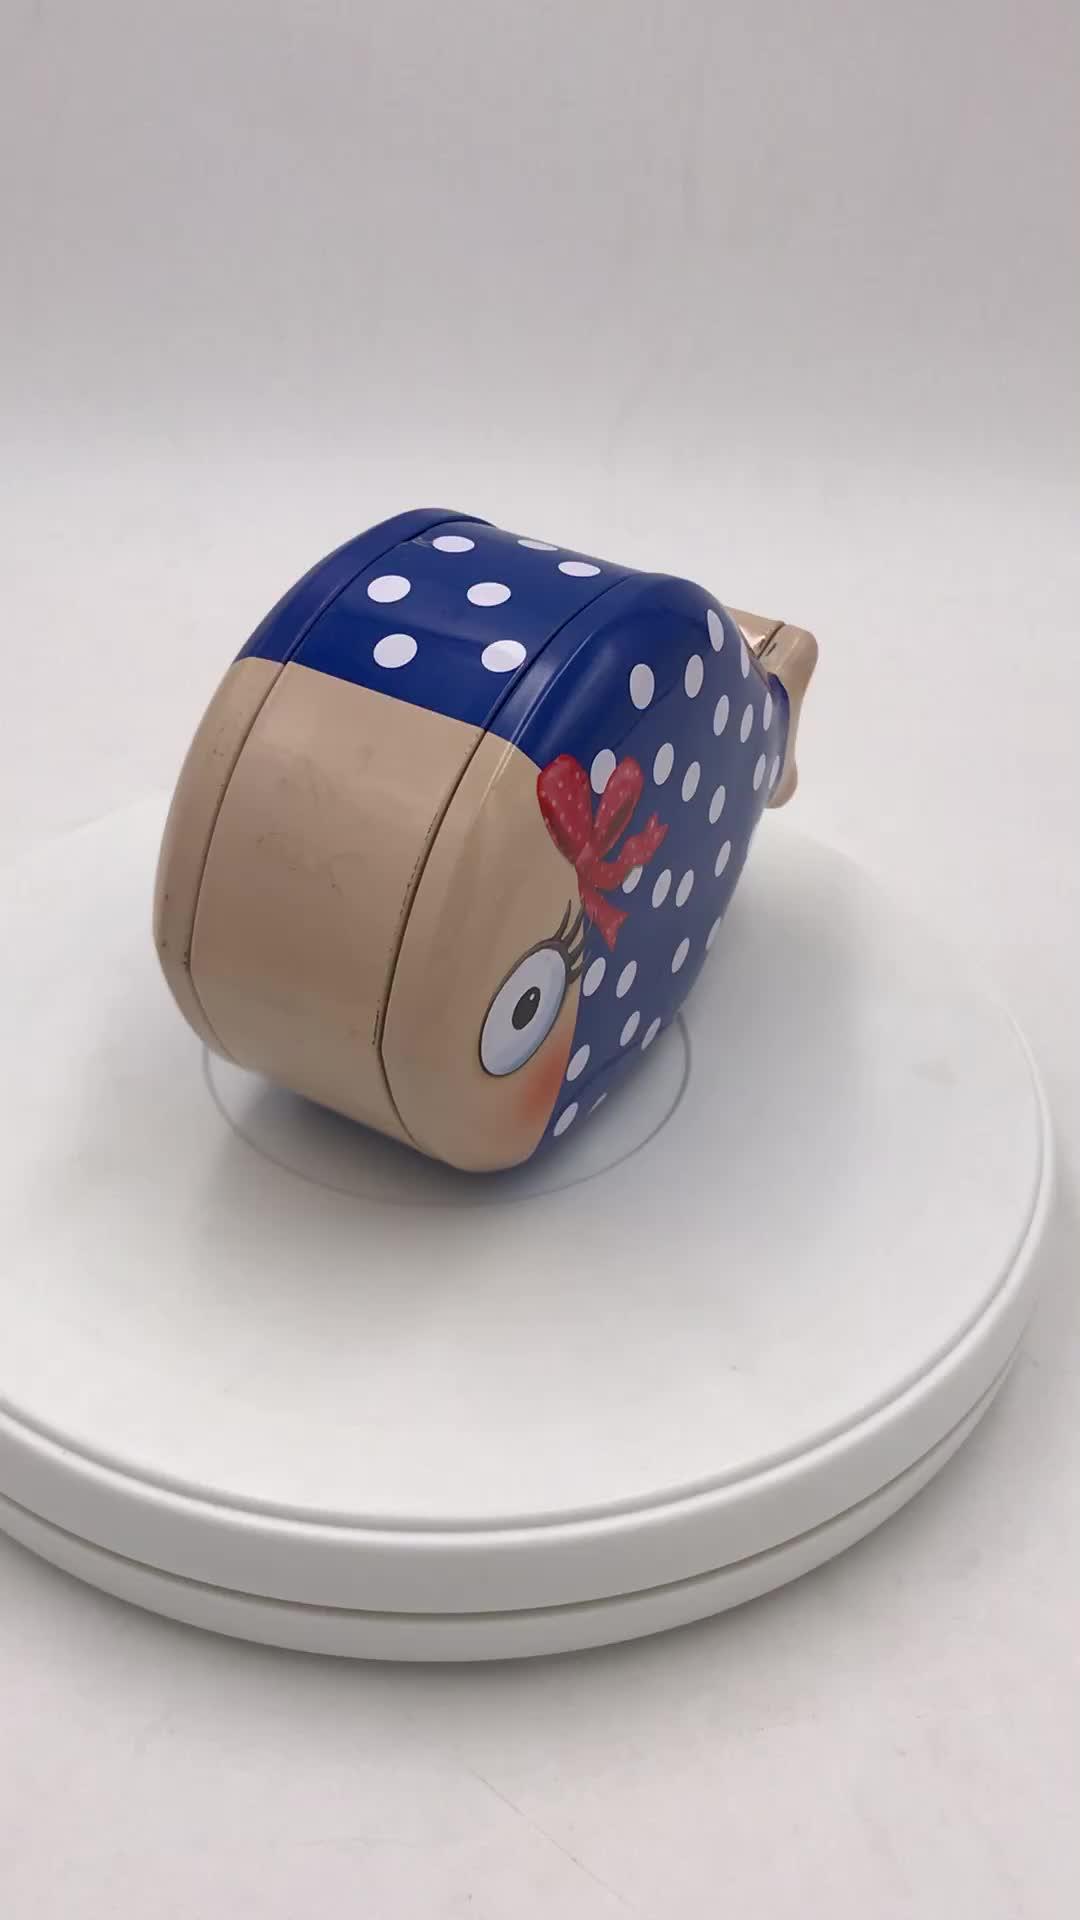 异形铁盒生产厂家 鱼形带存钱孔铁盒 饼干铁盒 鱼形巧克力铁盒